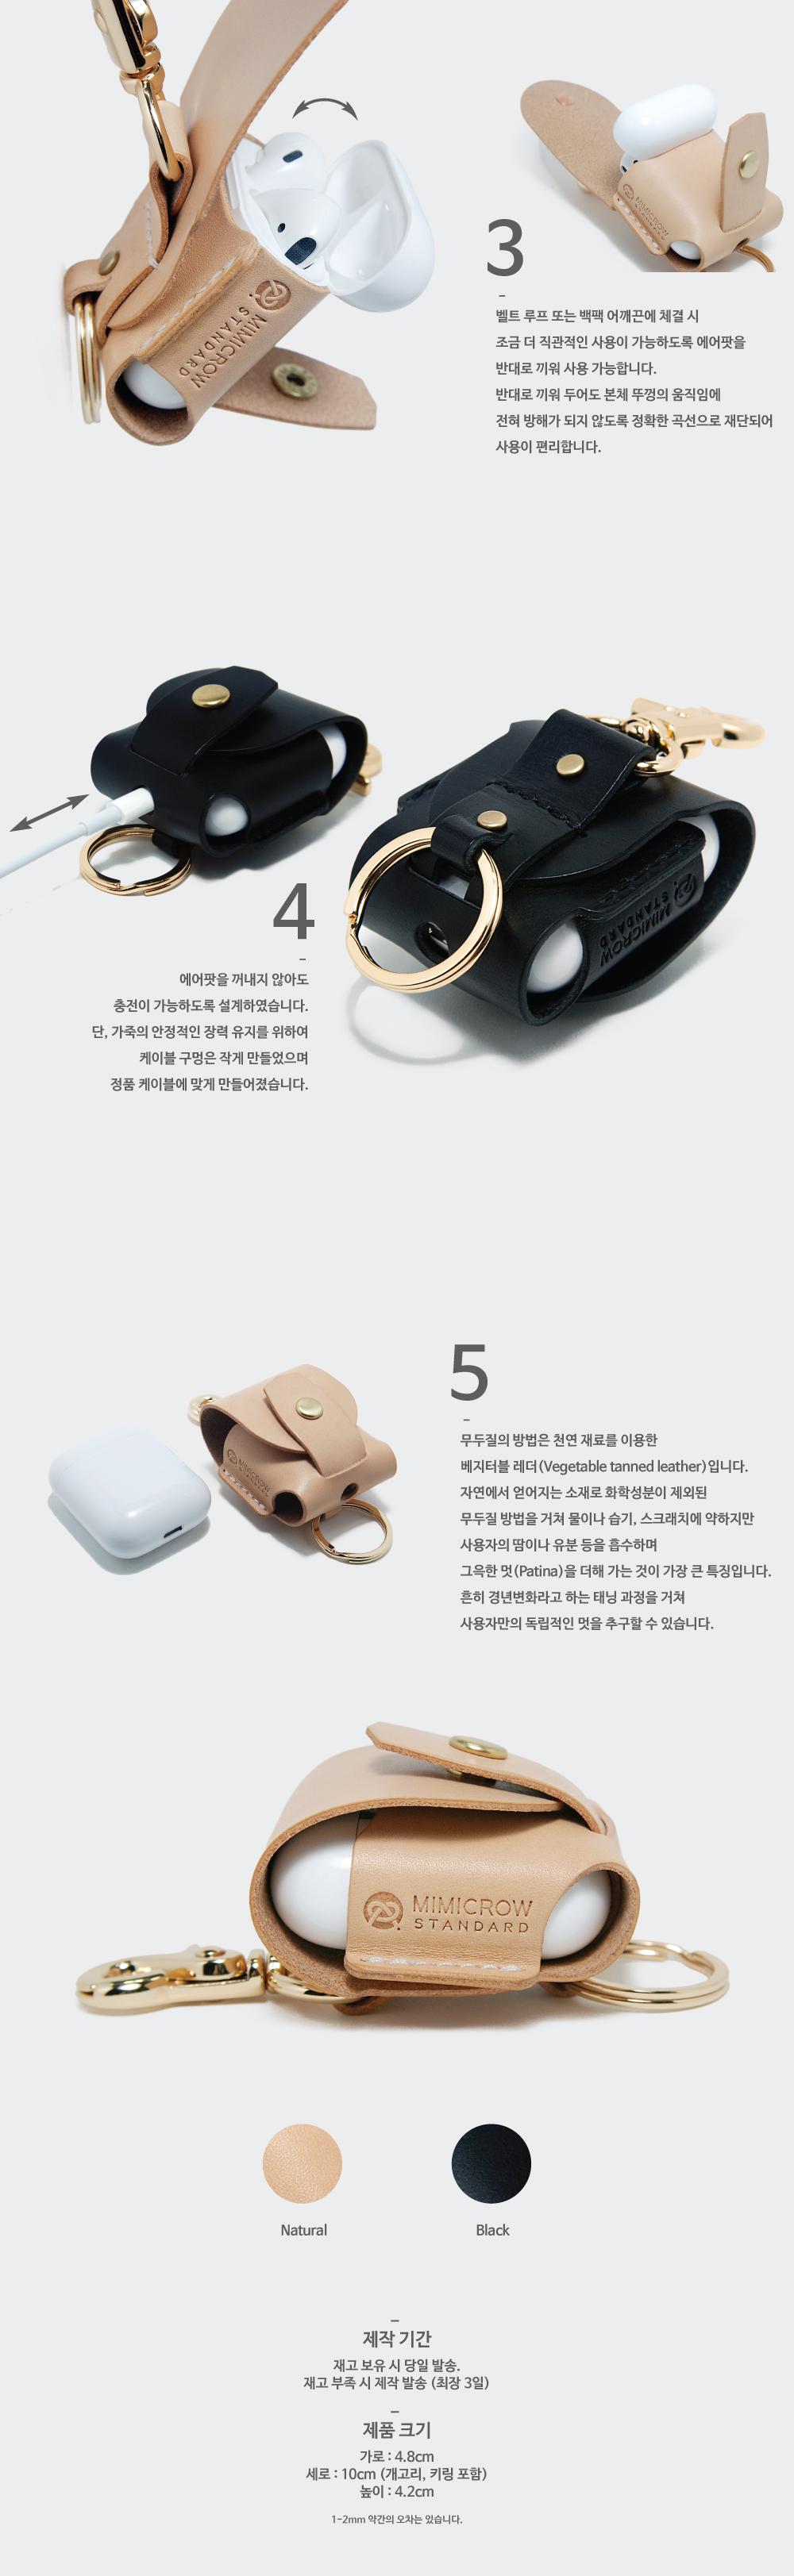 Airpods Leather case - 가죽 에어팟 케이스 - 미미크로우, 35,900원, 케이스, 에어팟